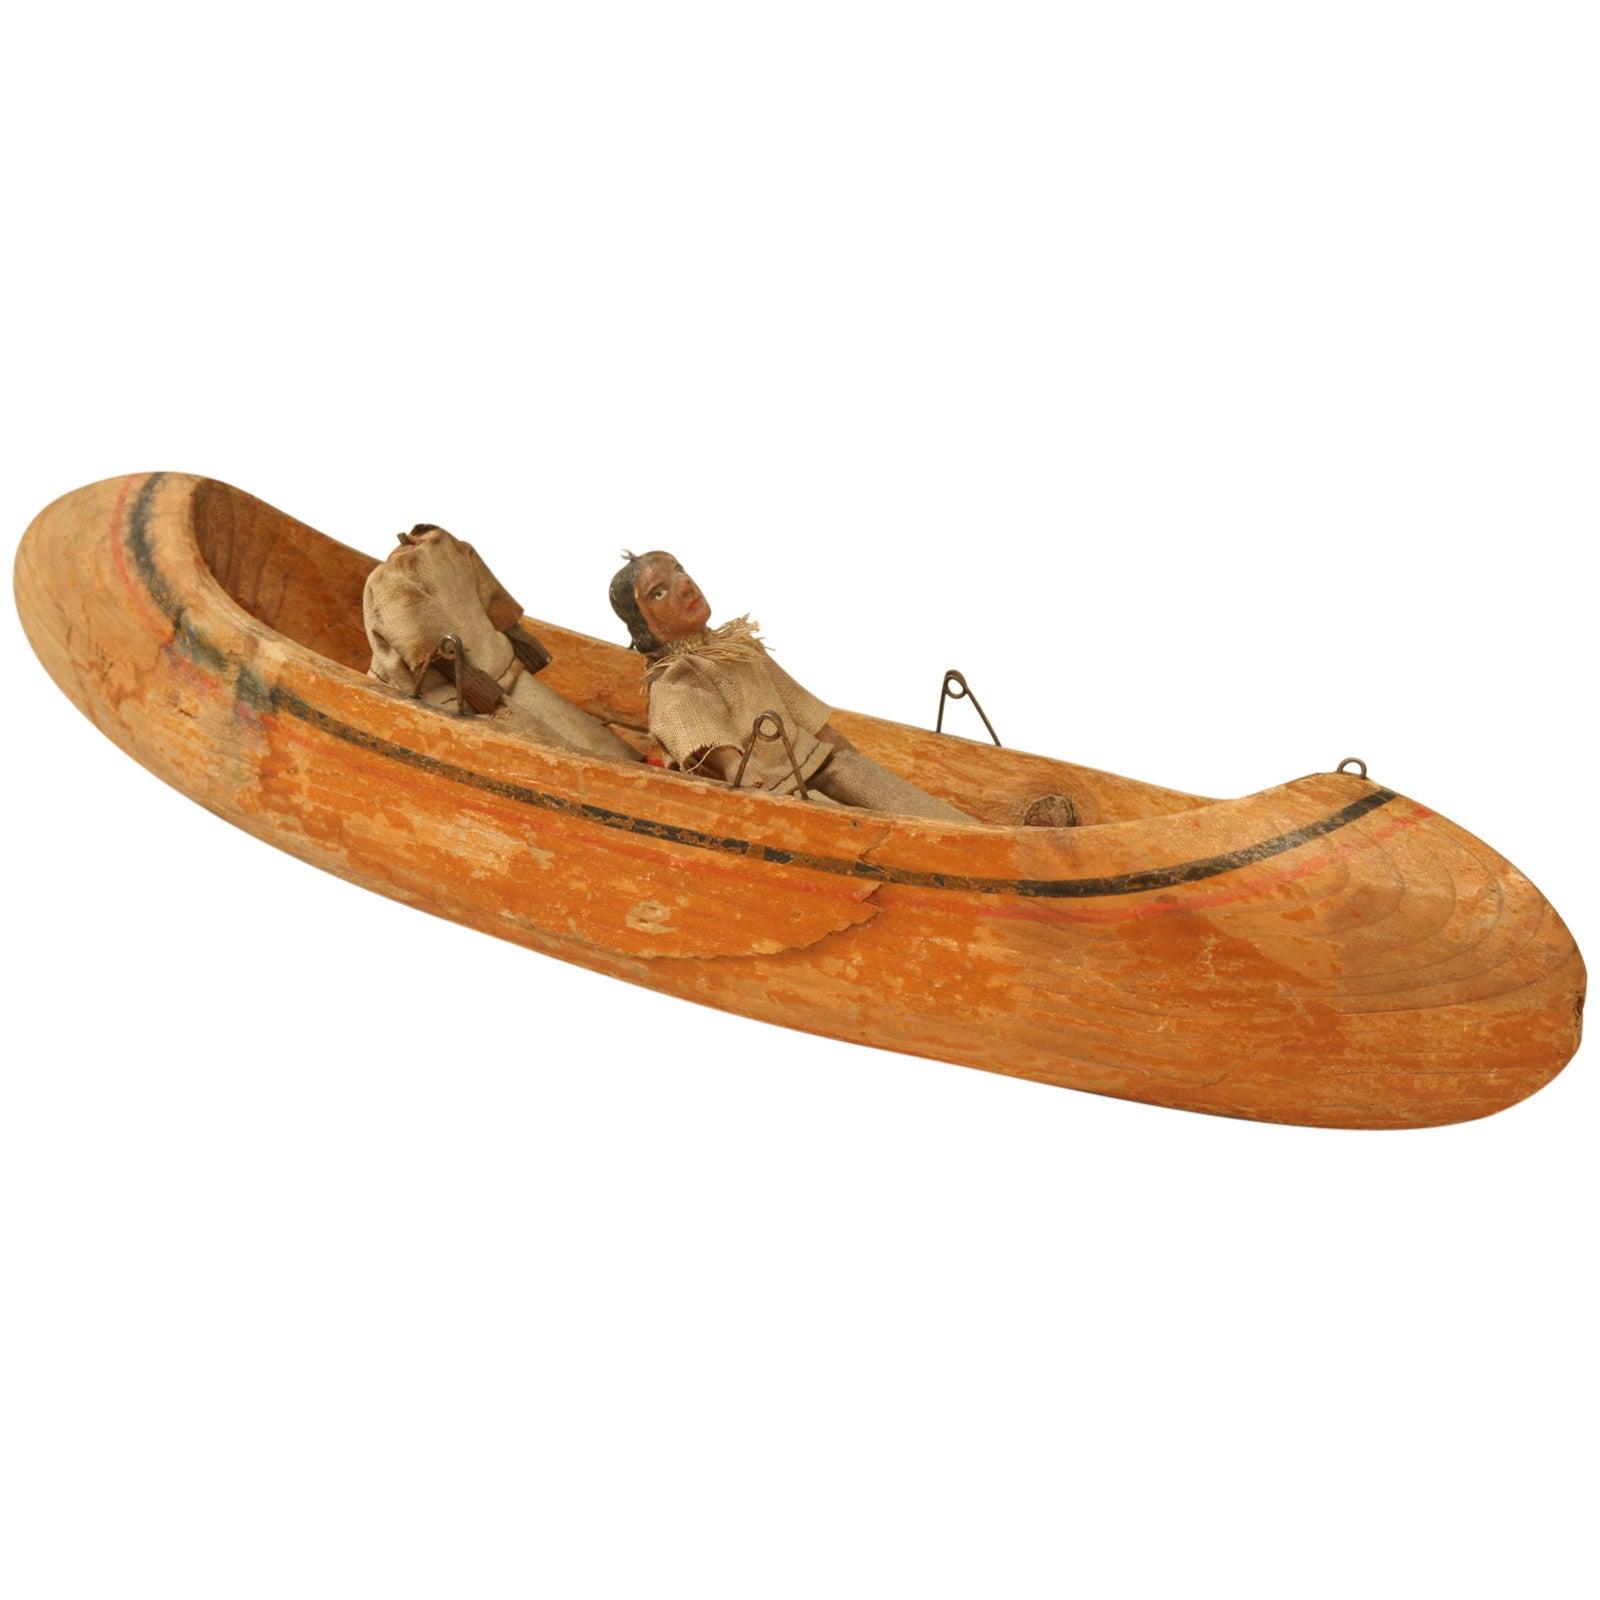 American Folk-Art Carved Wooden Canoe